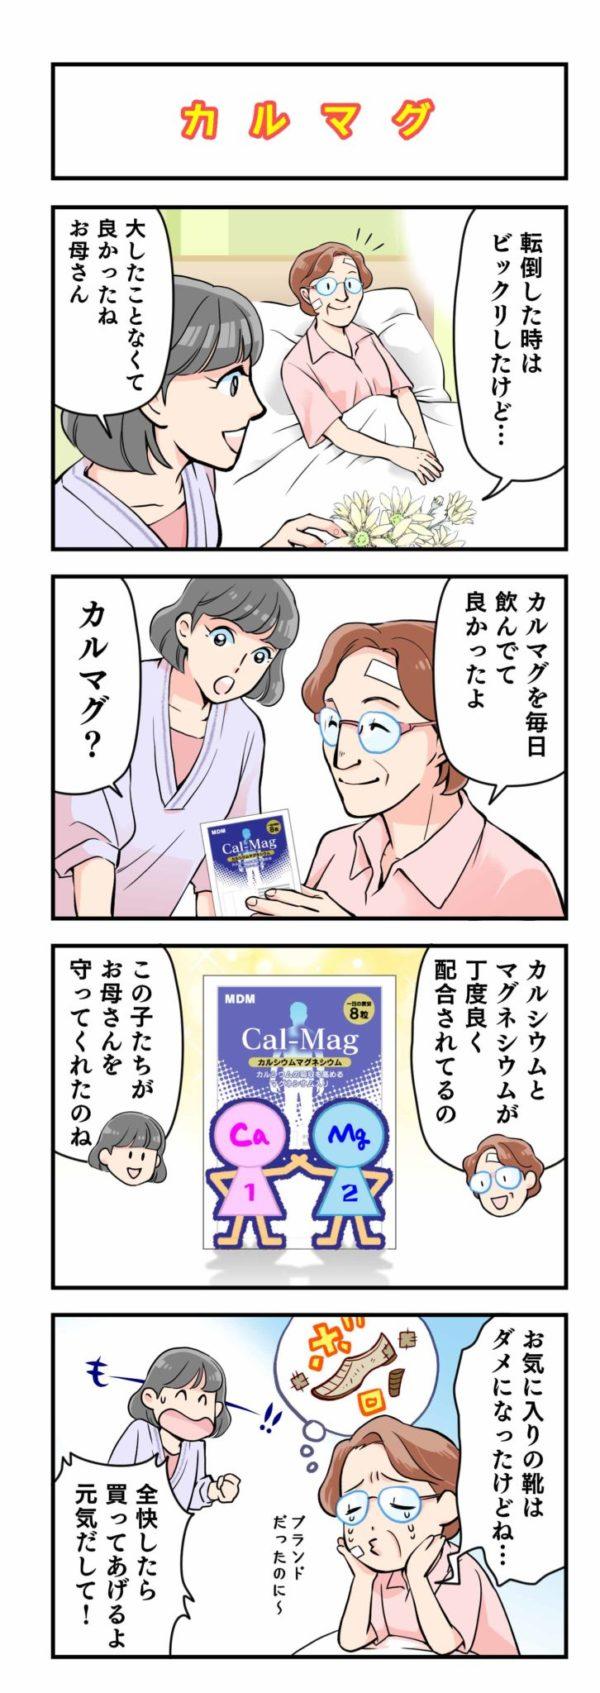 「カルマグ」商品紹介4コマ漫画